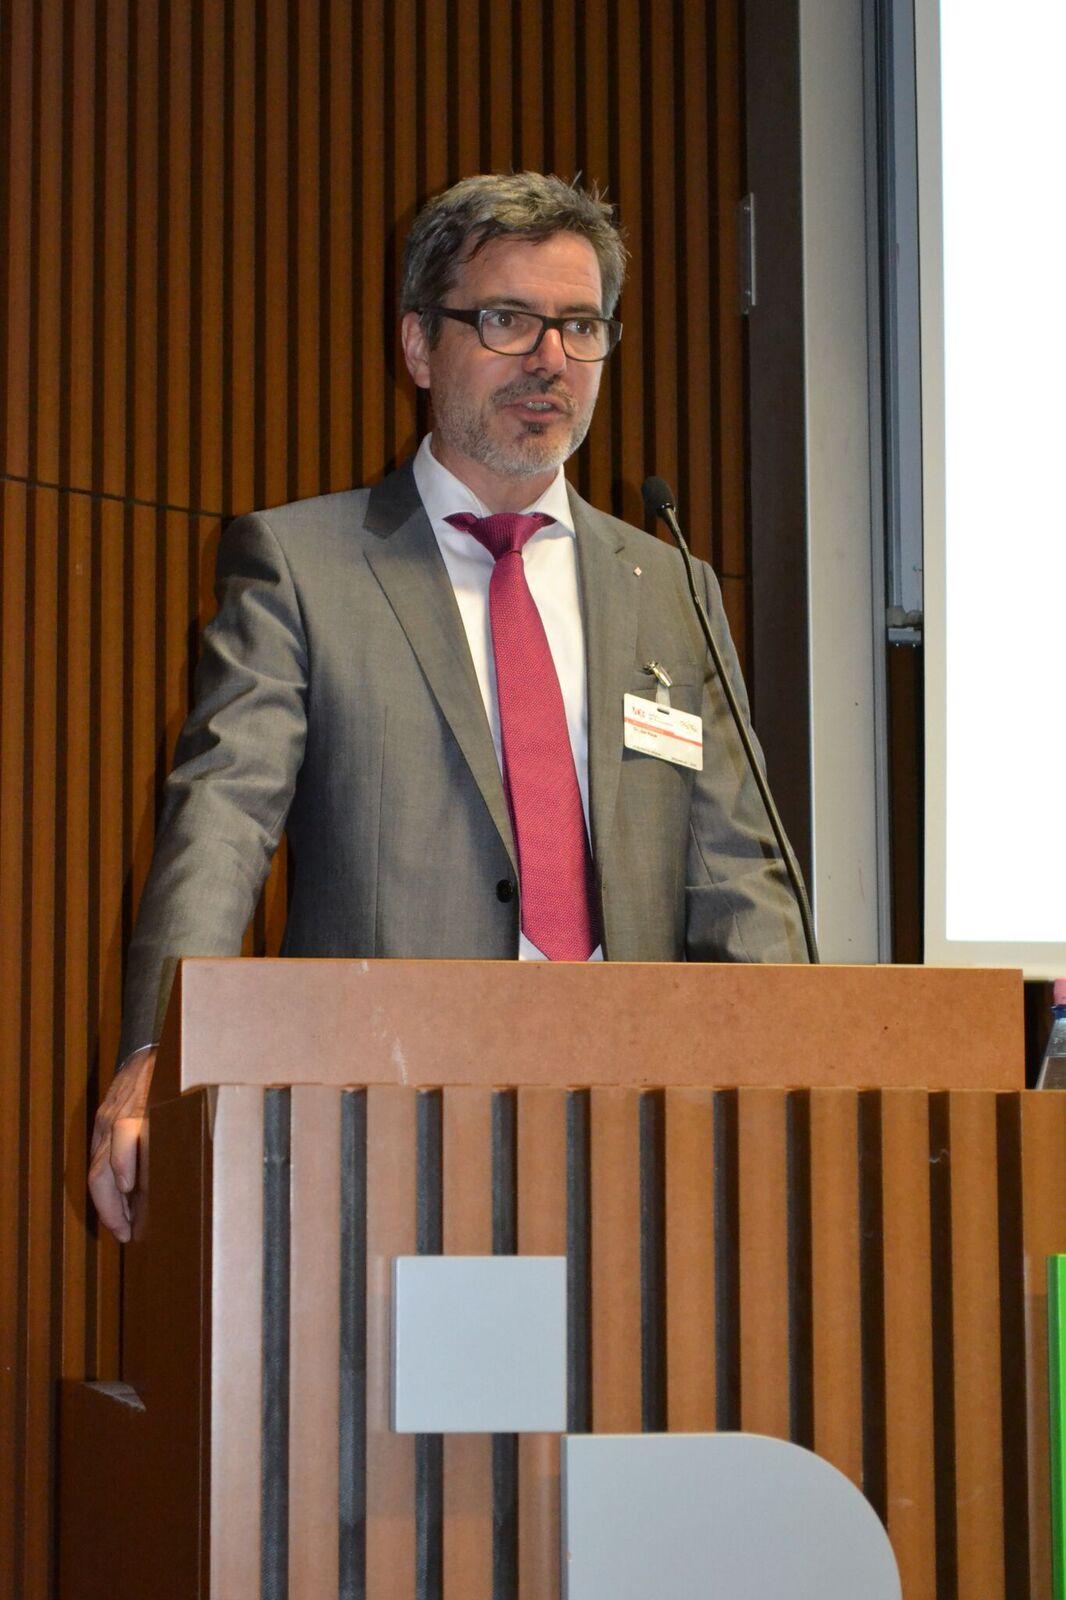 VDR-Präsident Dr. Jan Raue während seiner Rede auf der ersten Tagung des neuen Formats FORWARD im Juni 2017.